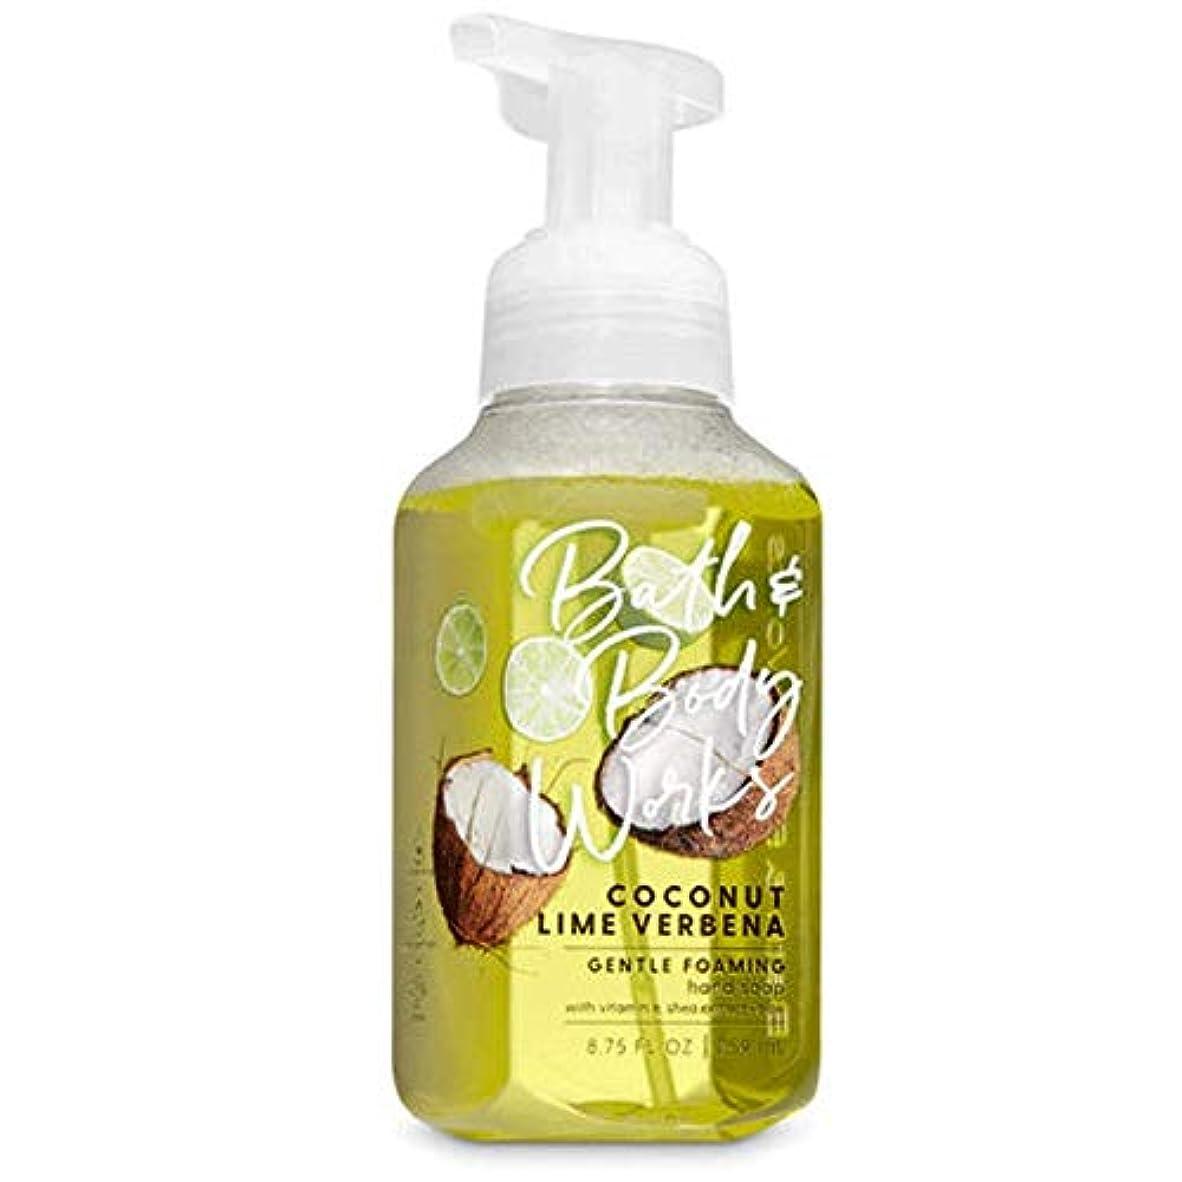 眼家具花束バス&ボディワークス ココナッツライムバーベナ ジェントル フォーミング ハンドソープ Coconut Lime Verbena Gentle Foaming Hand Soap